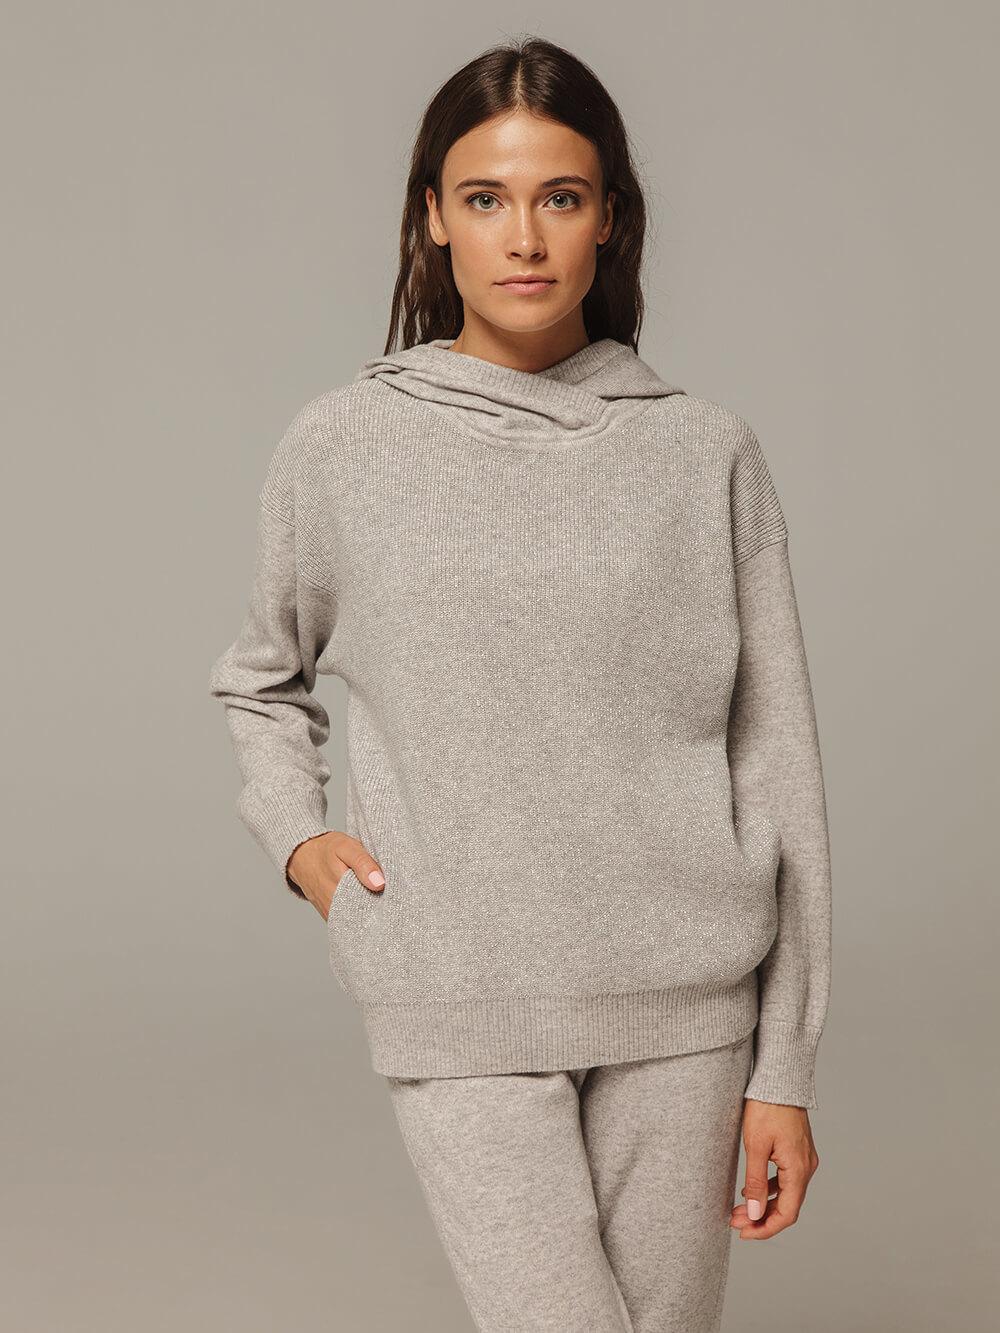 Женский серый джемпер с капюшоном из шерсти и кашемира - фото 1